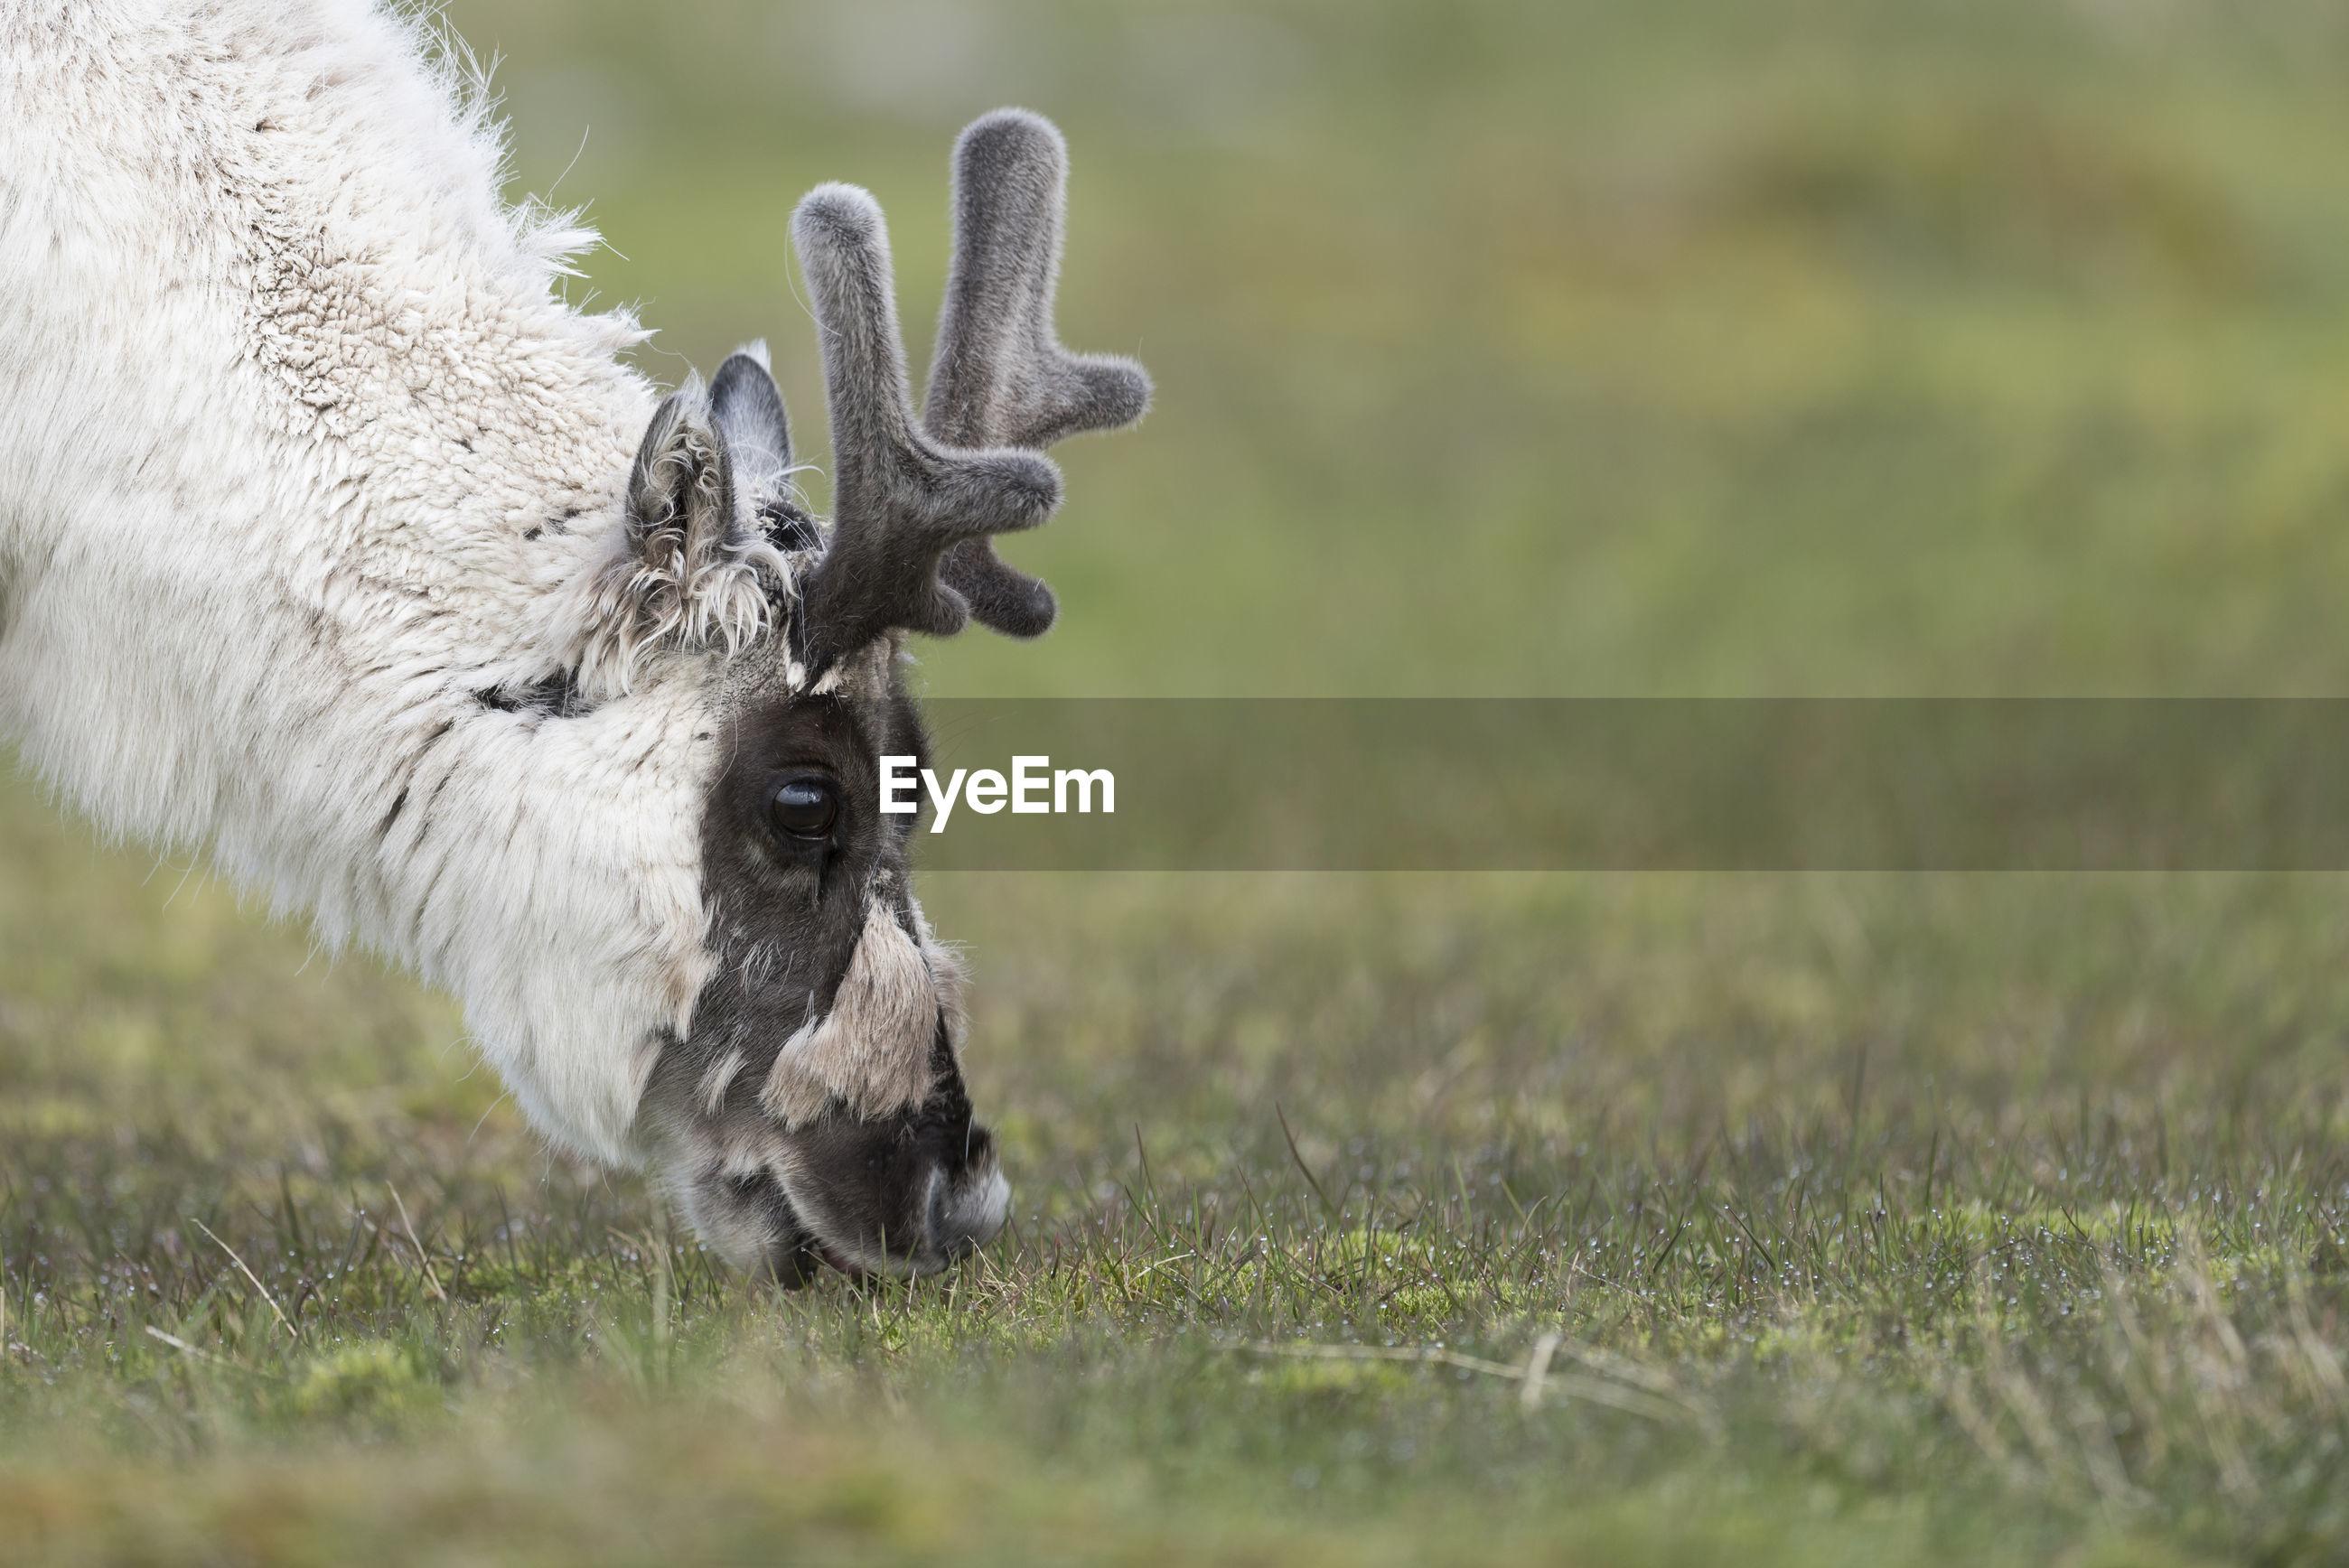 Reindeer grazing on grass